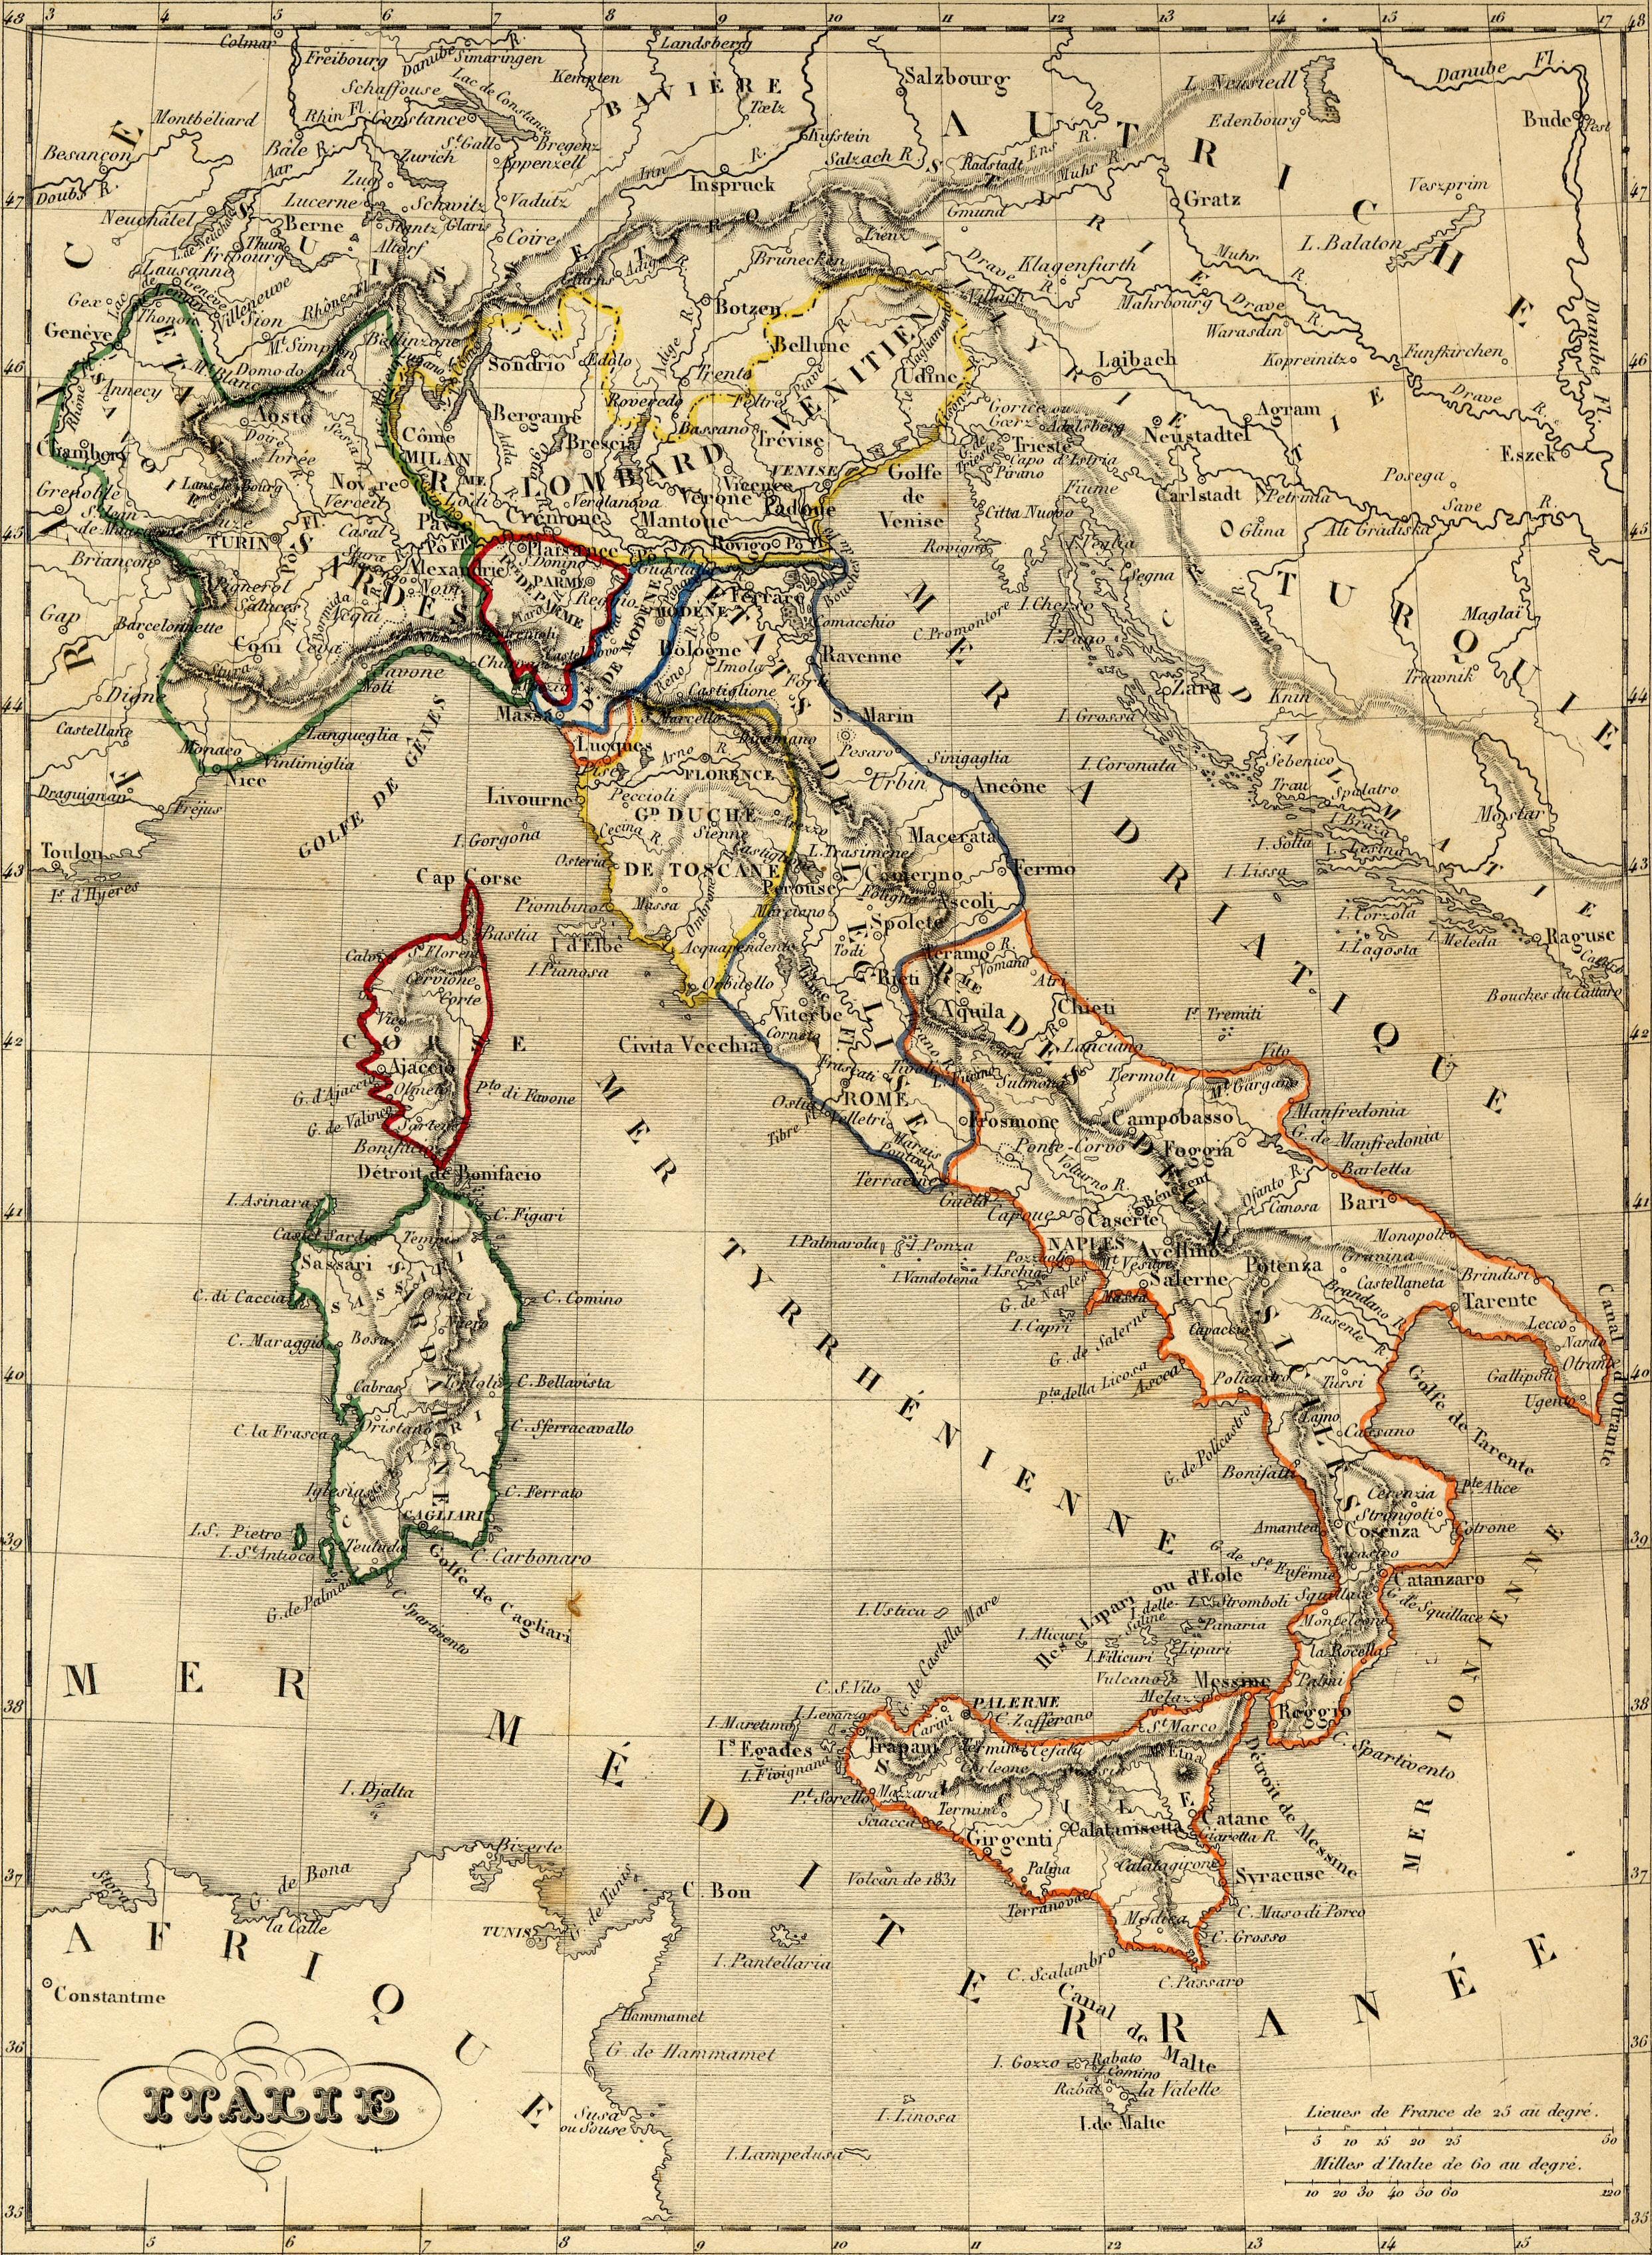 Carte geographique ancienne de l'Italie   Alexandre Vuillemin   1843